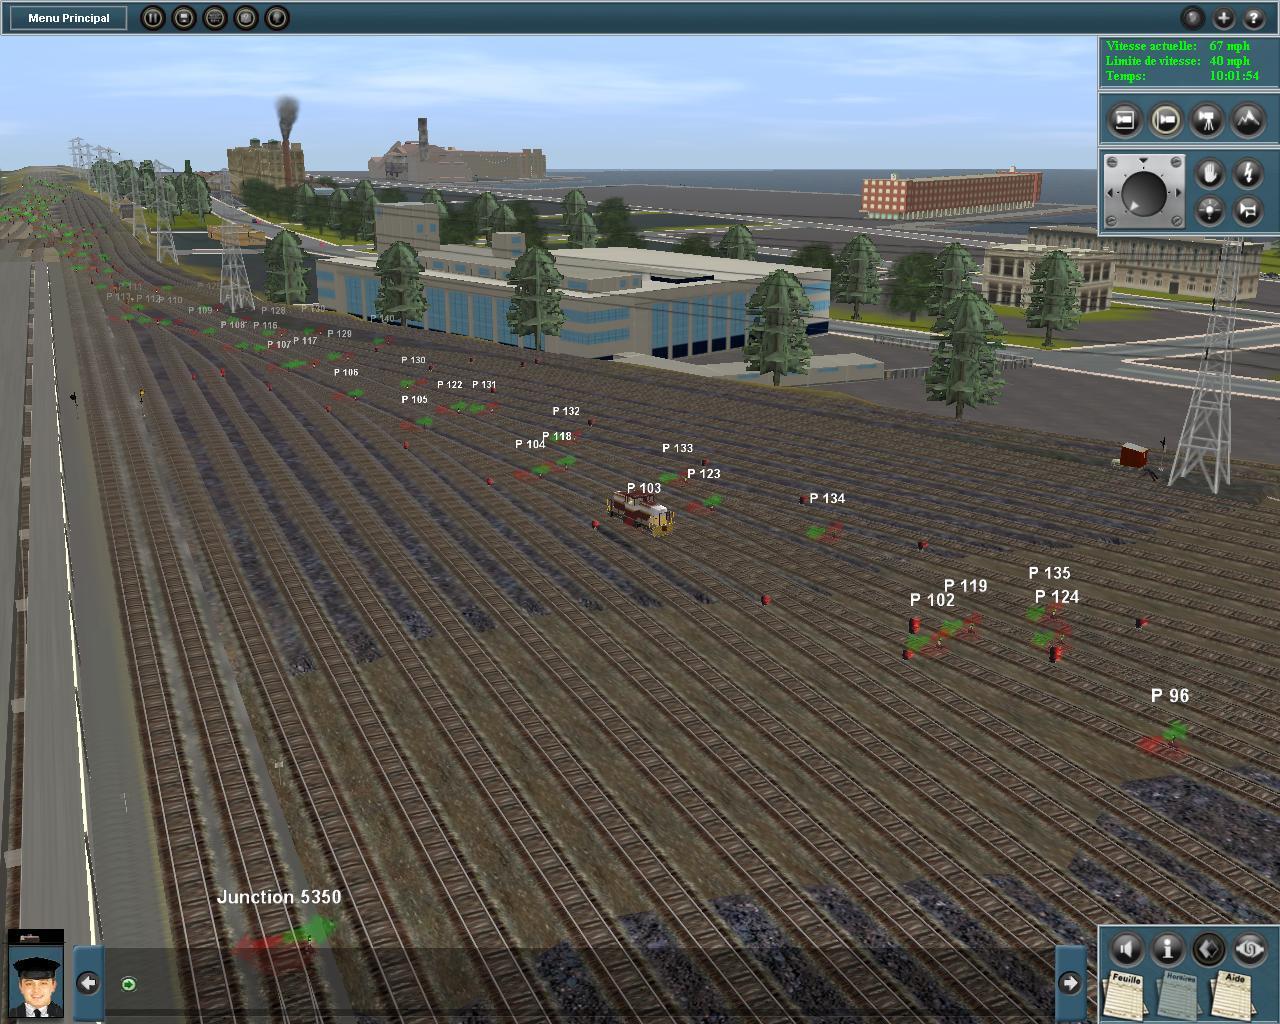 Com trainz simulator 2009 world builder edition pc image 24 sur 27